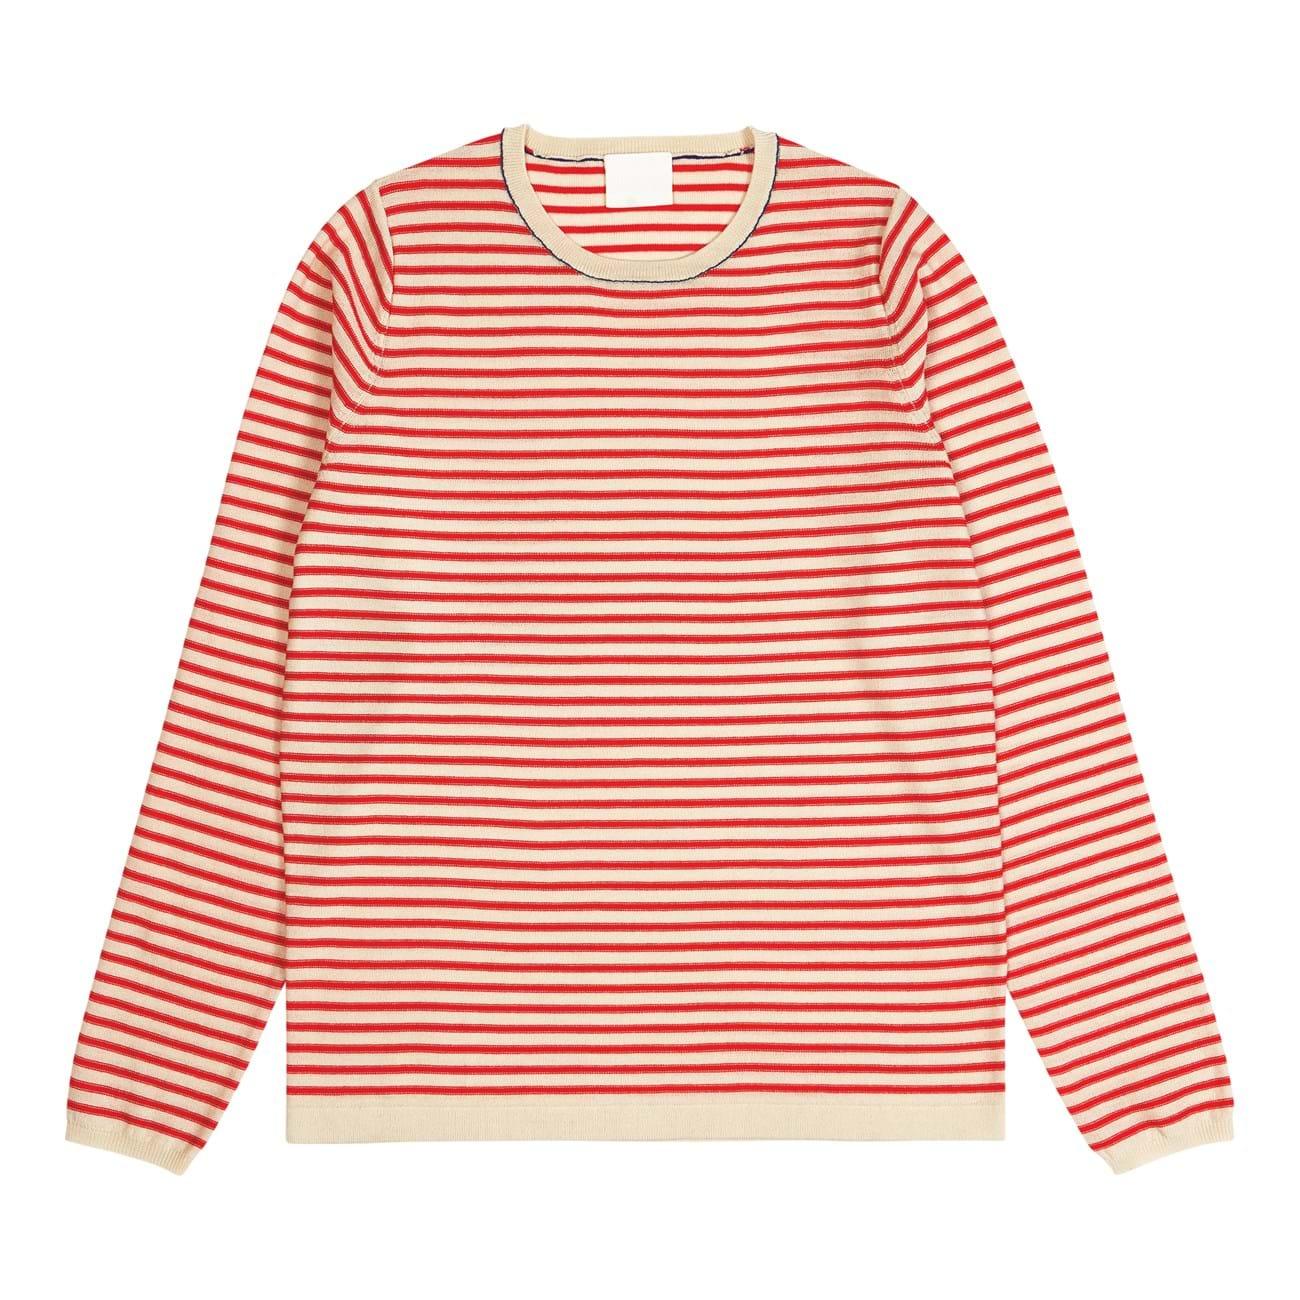 サムネイル:FUB WOMEN Striped Blouse, ecru/red